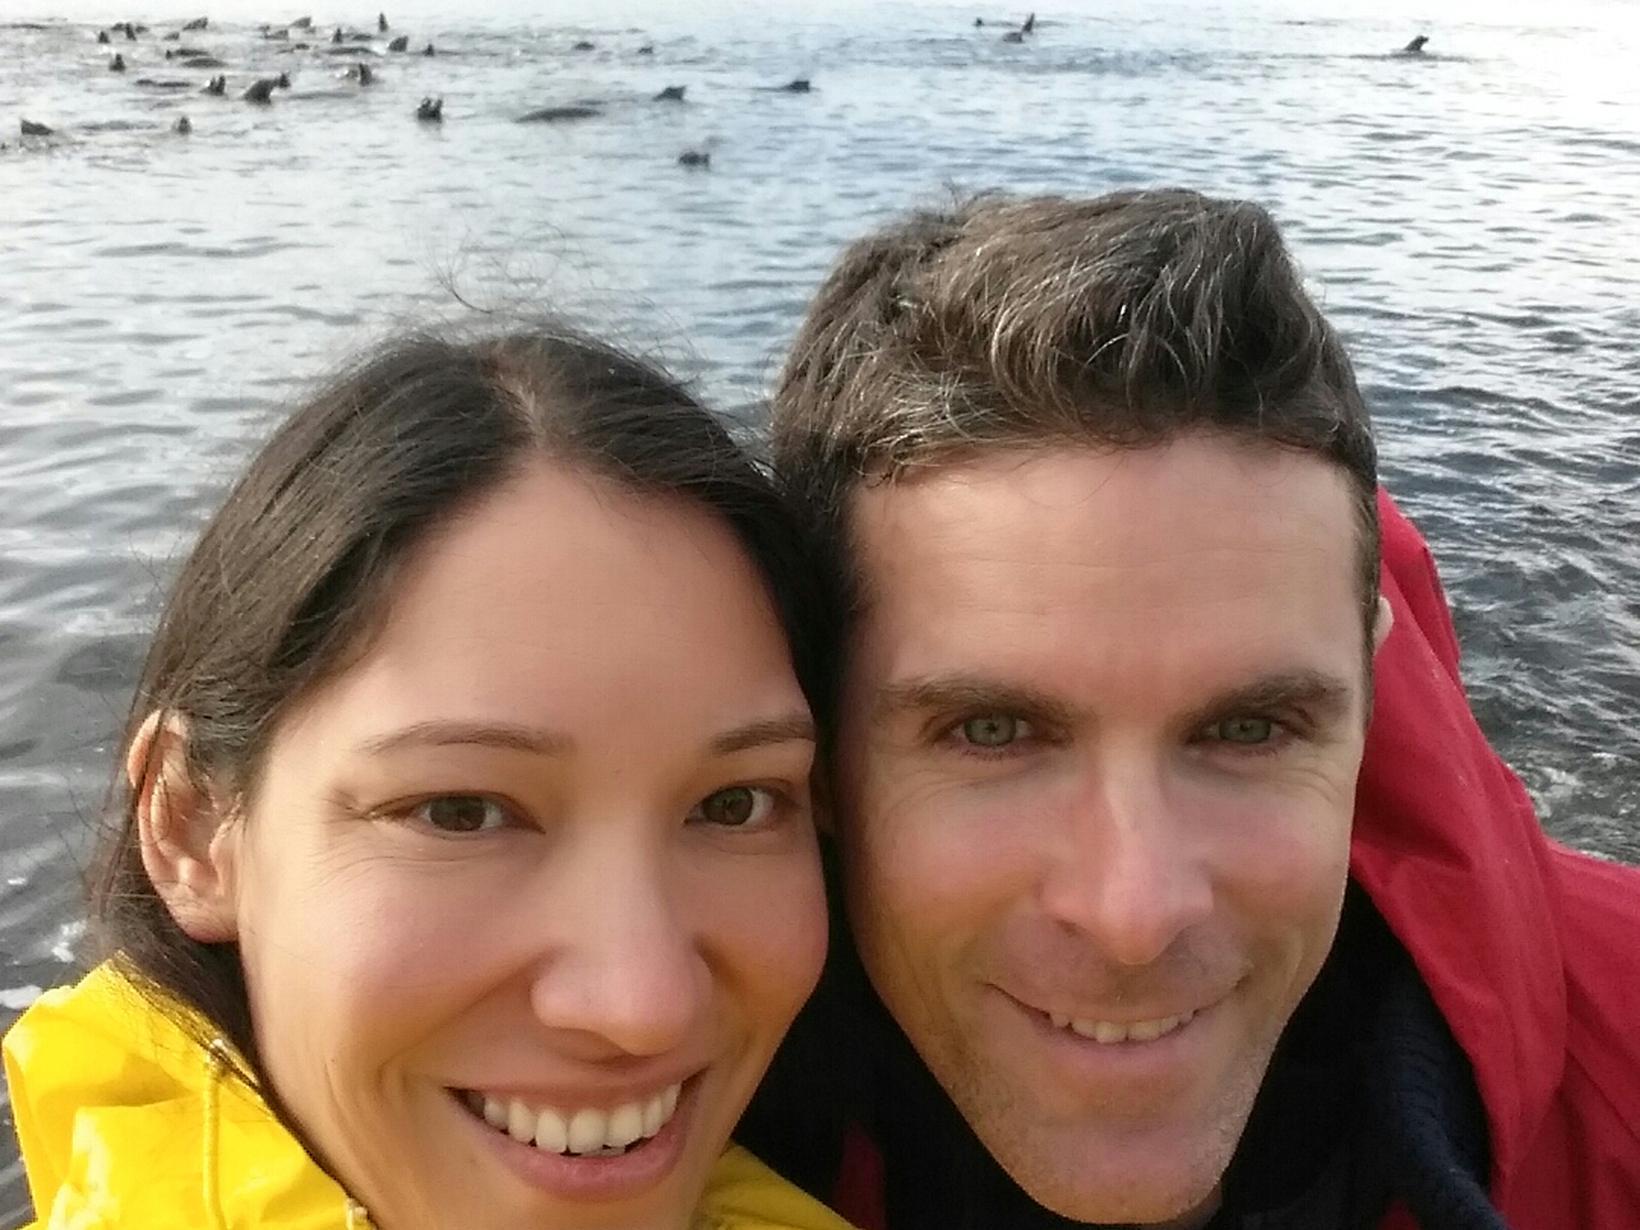 Keetah & Michael from Nanoose Bay, British Columbia, Canada